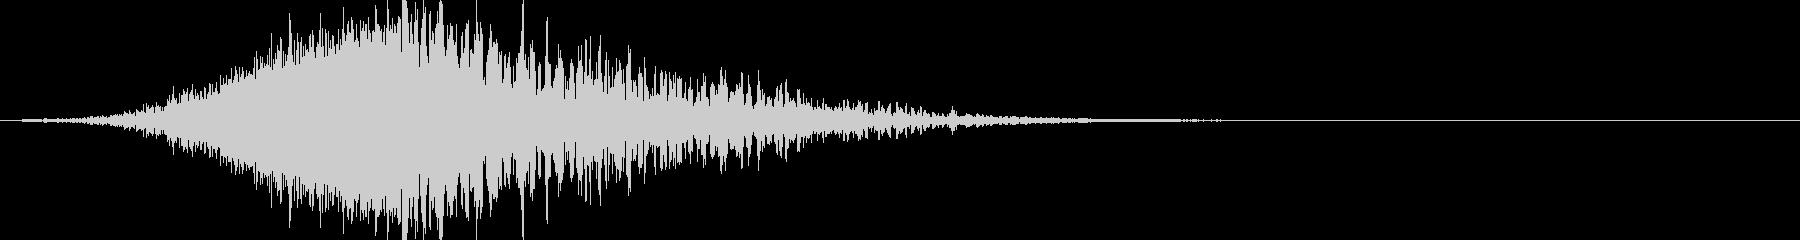 シュワーンどん:迫力ある上昇していく音2の未再生の波形